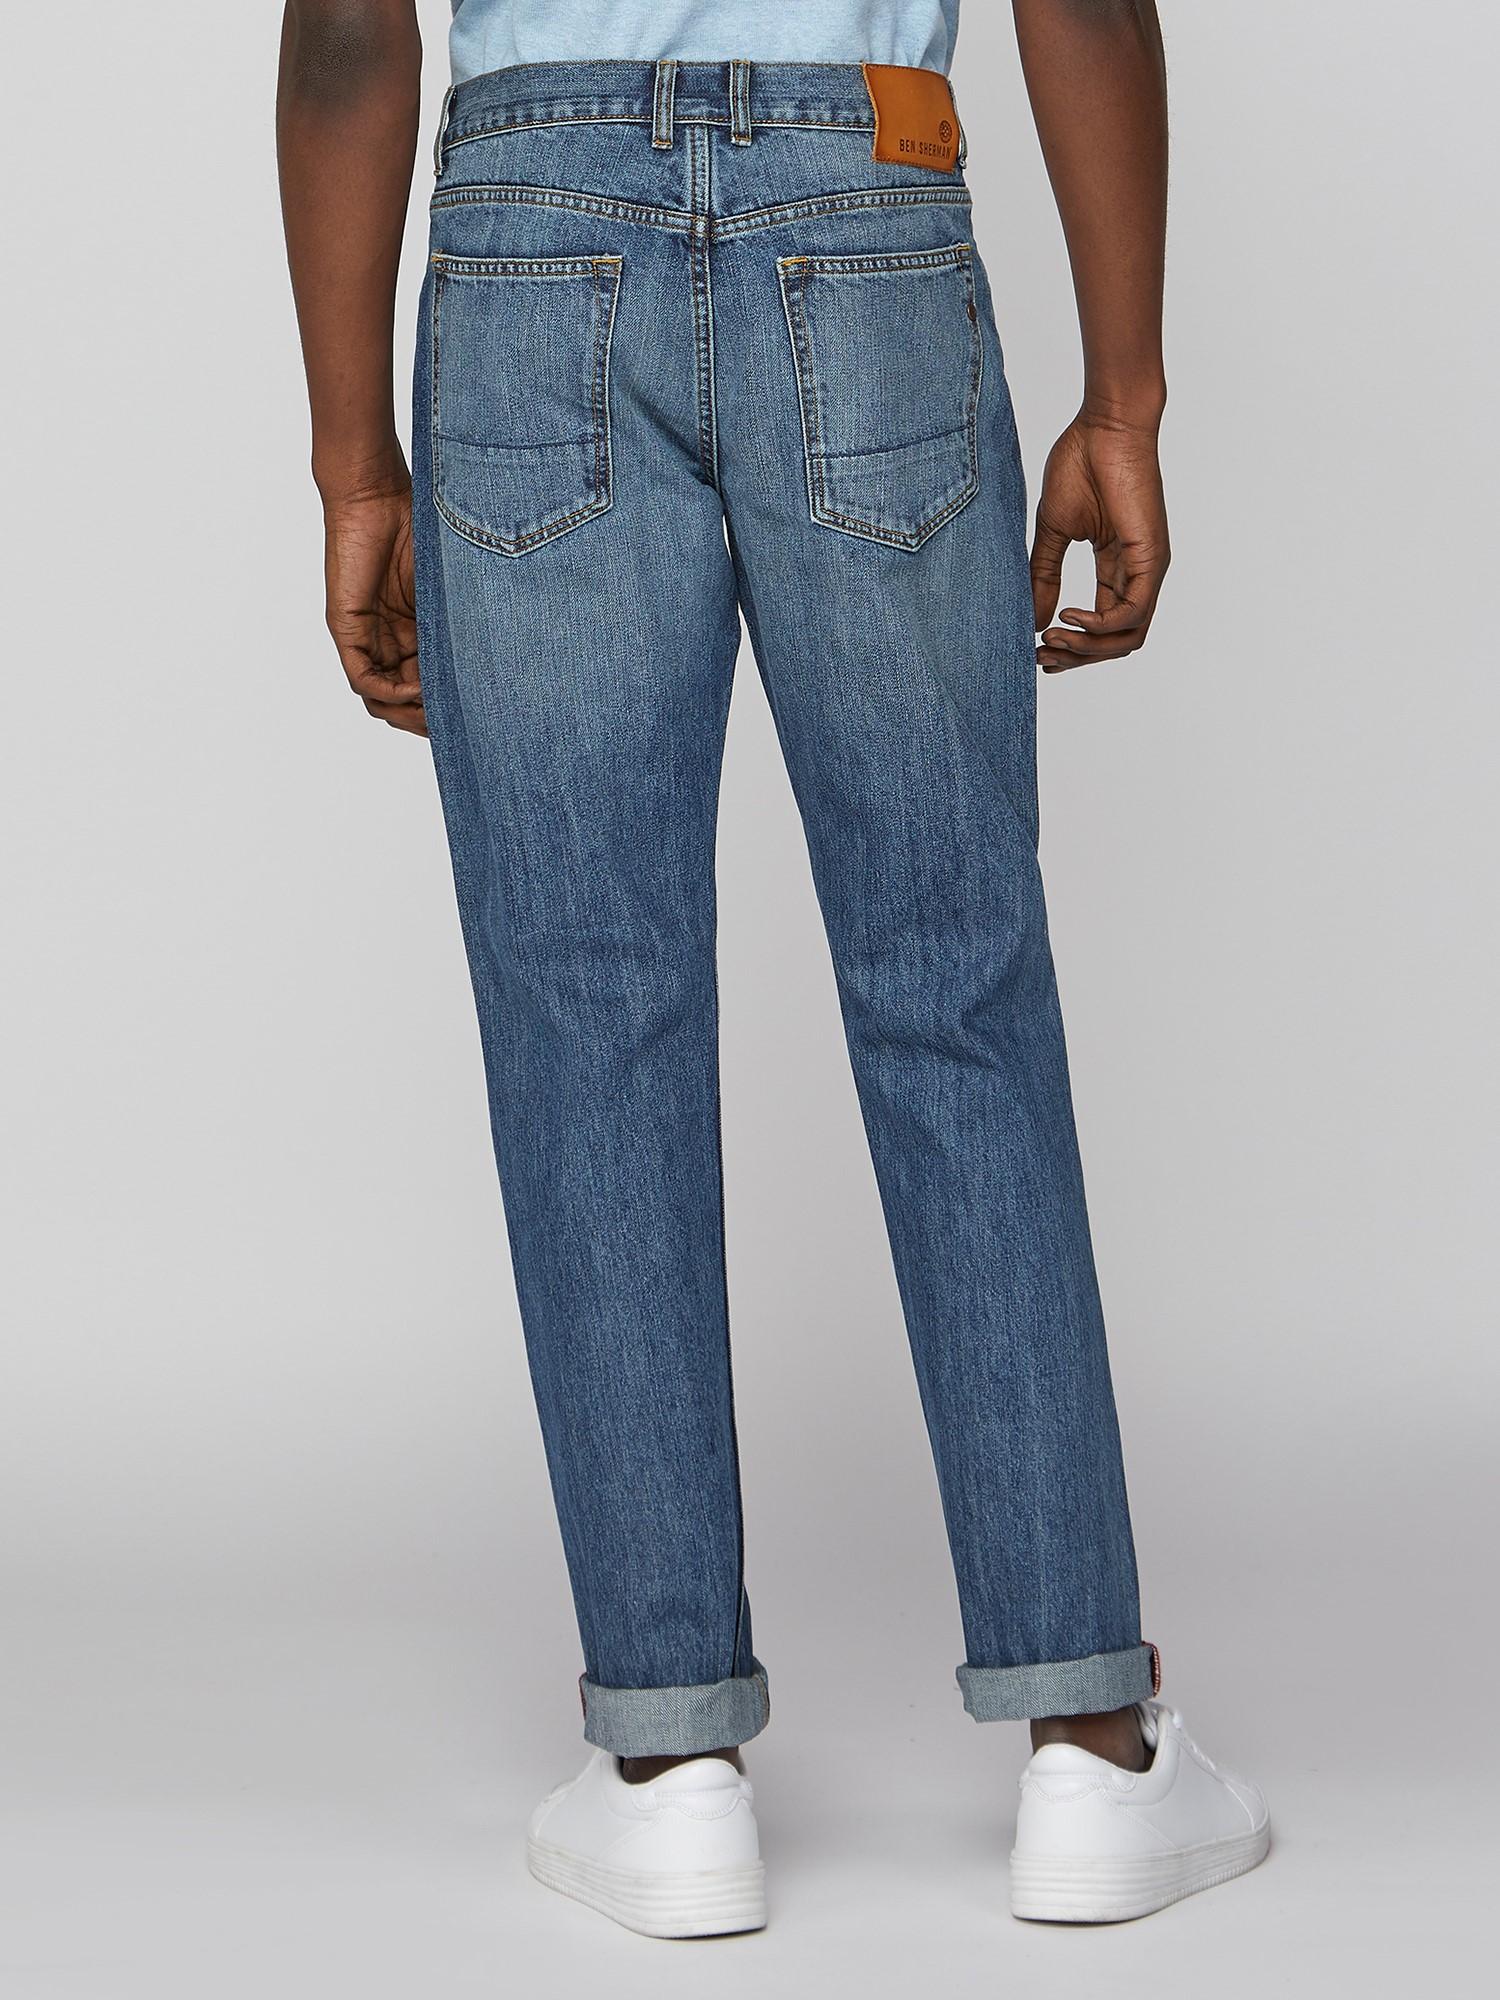 5 Pocket Light Wash Slim Jean